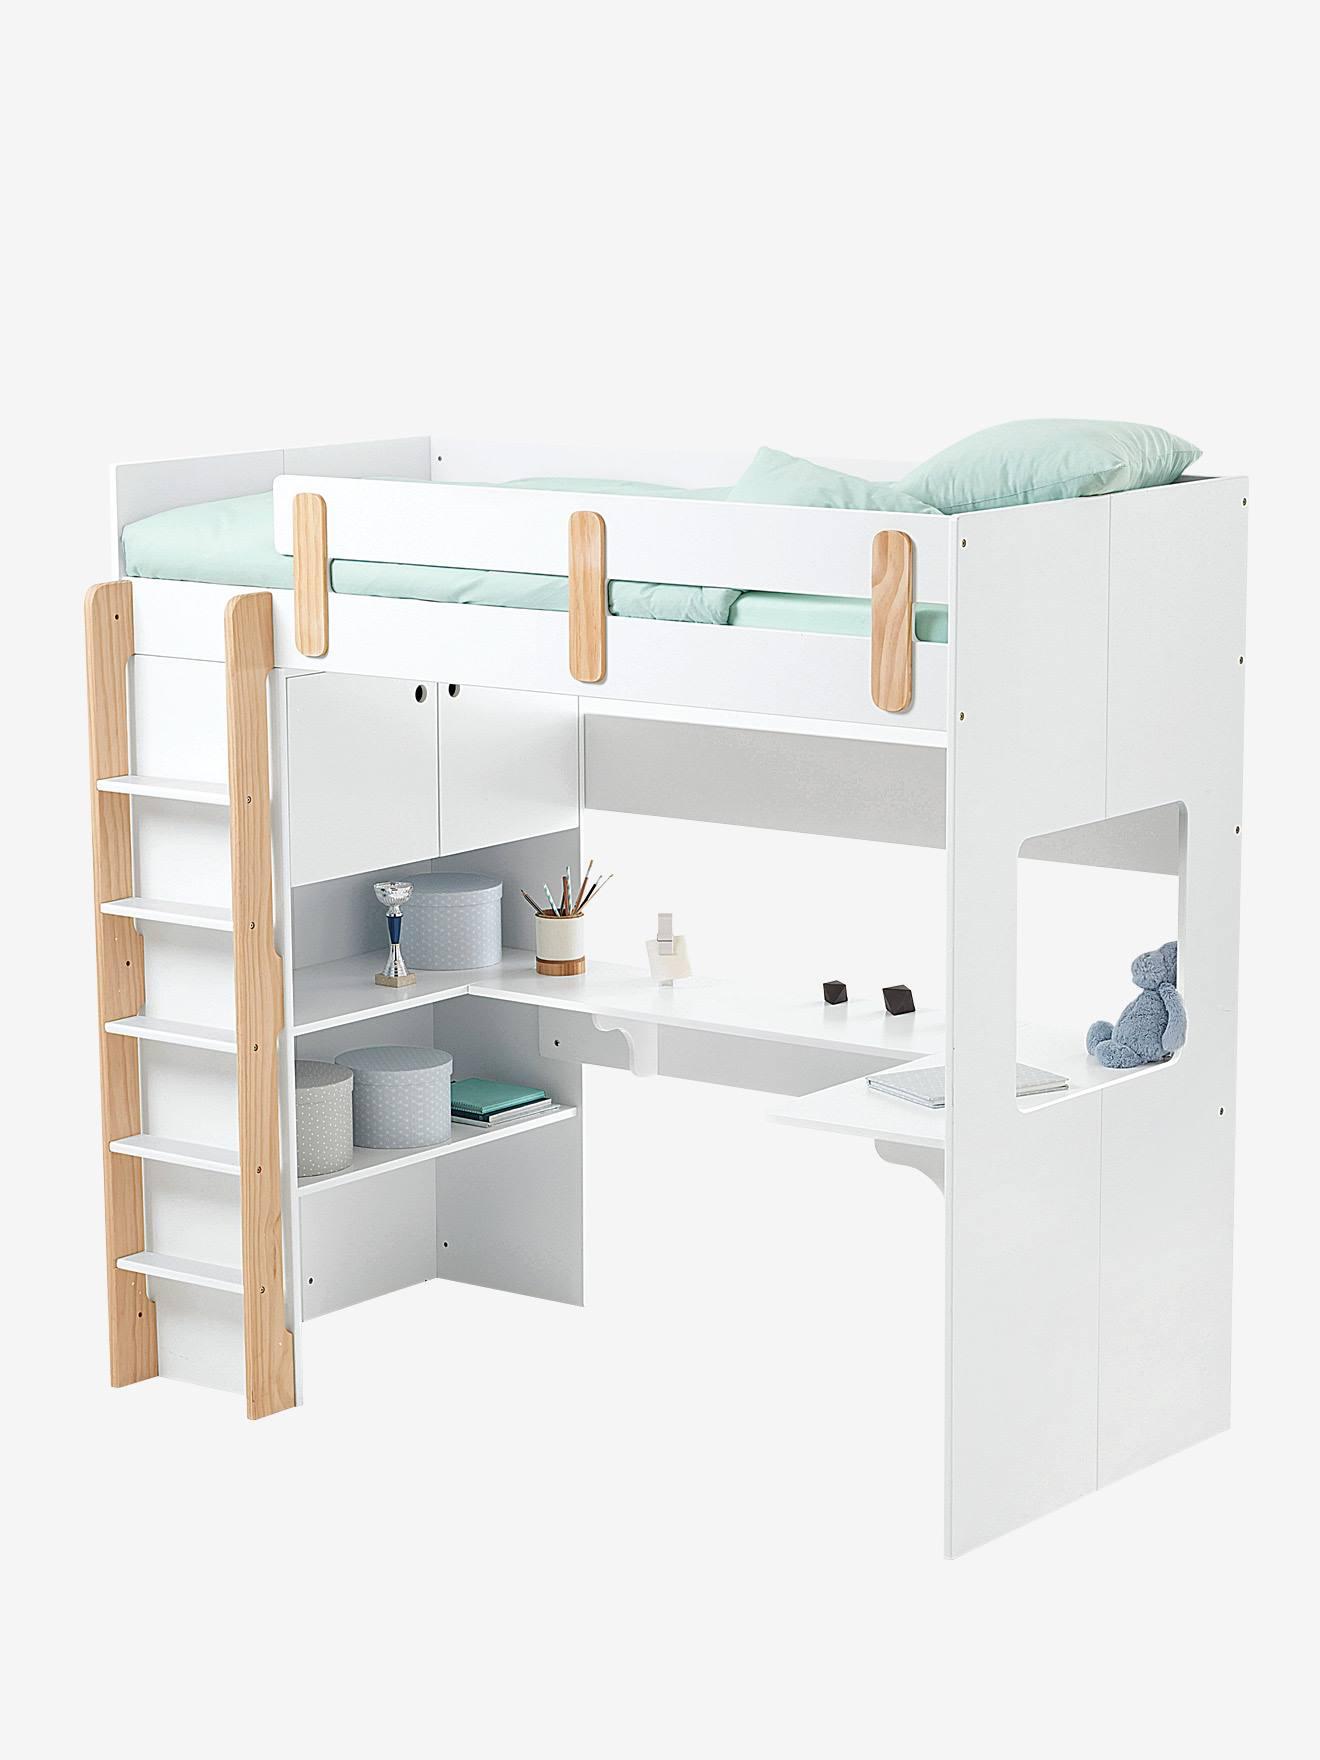 bureau fille vertbaudet fauteuil fille rose bureau chaise de a roulettes actoiles gris. Black Bedroom Furniture Sets. Home Design Ideas